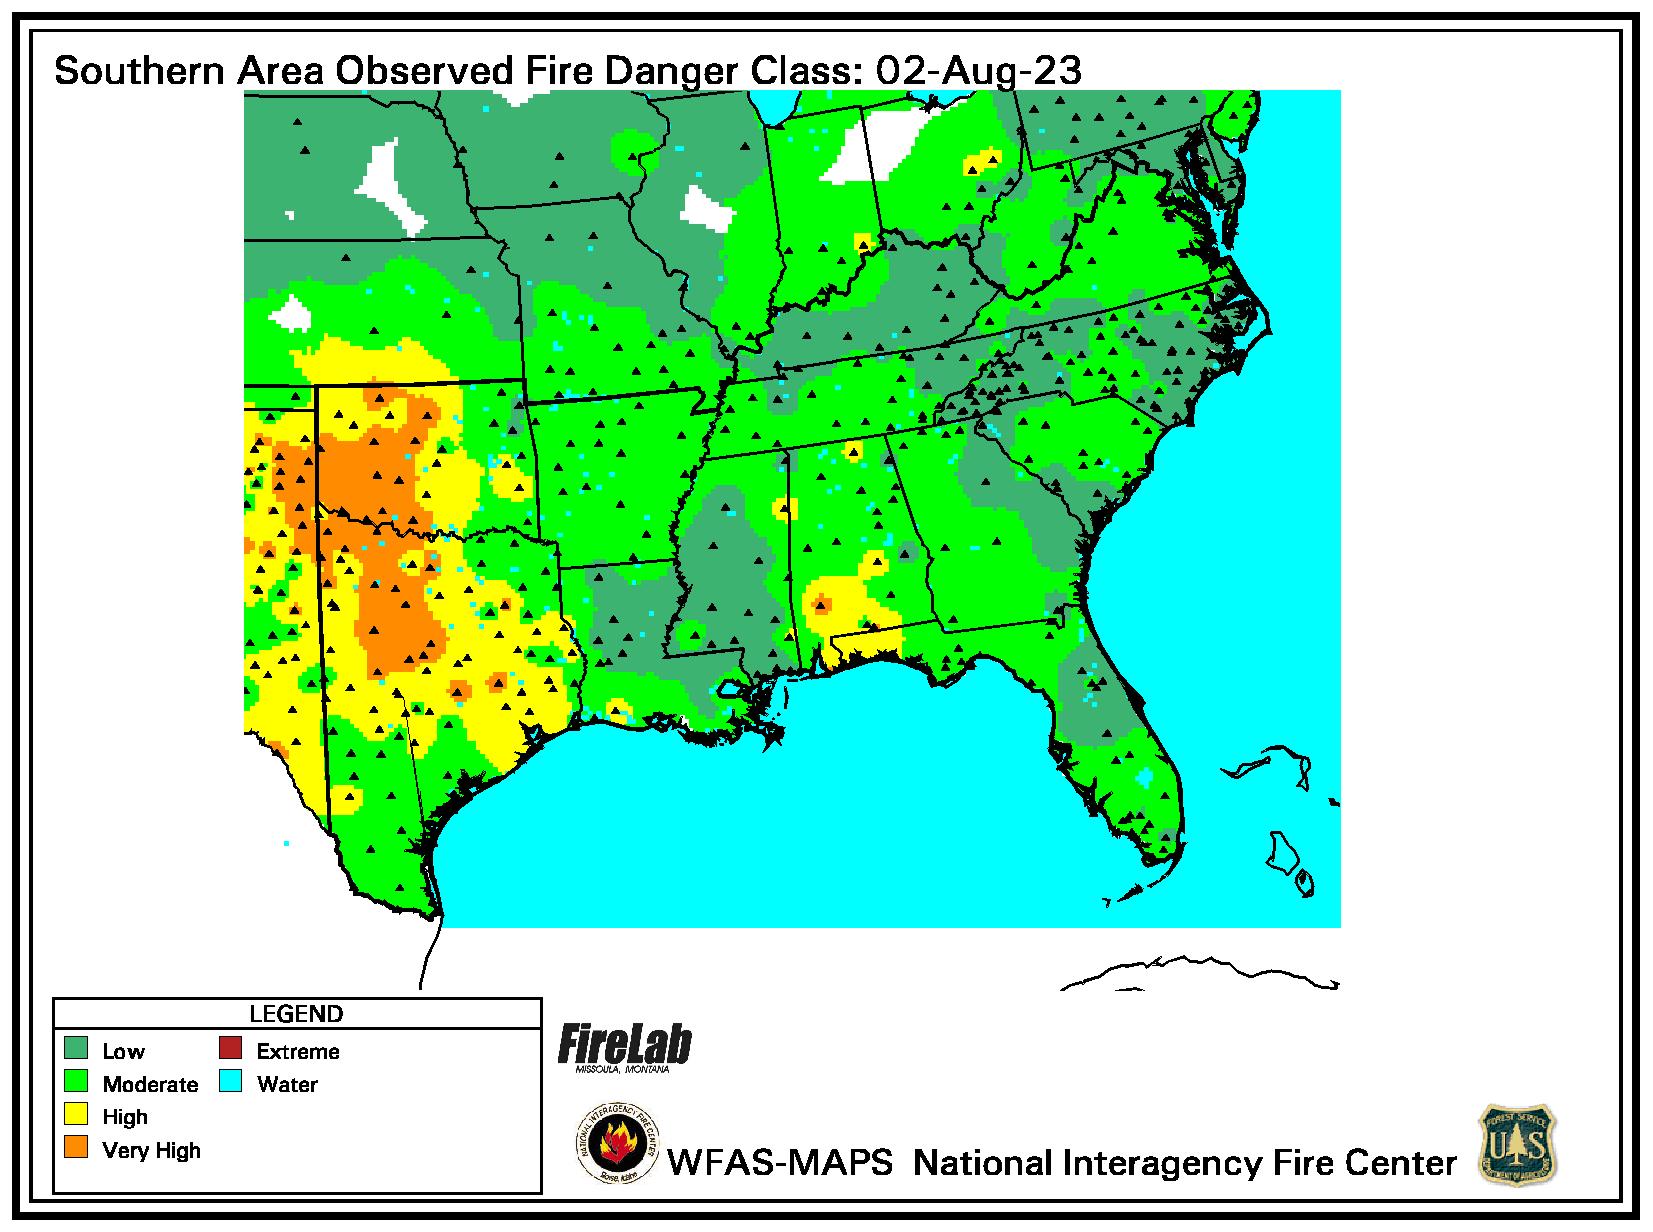 Current Fire Danger